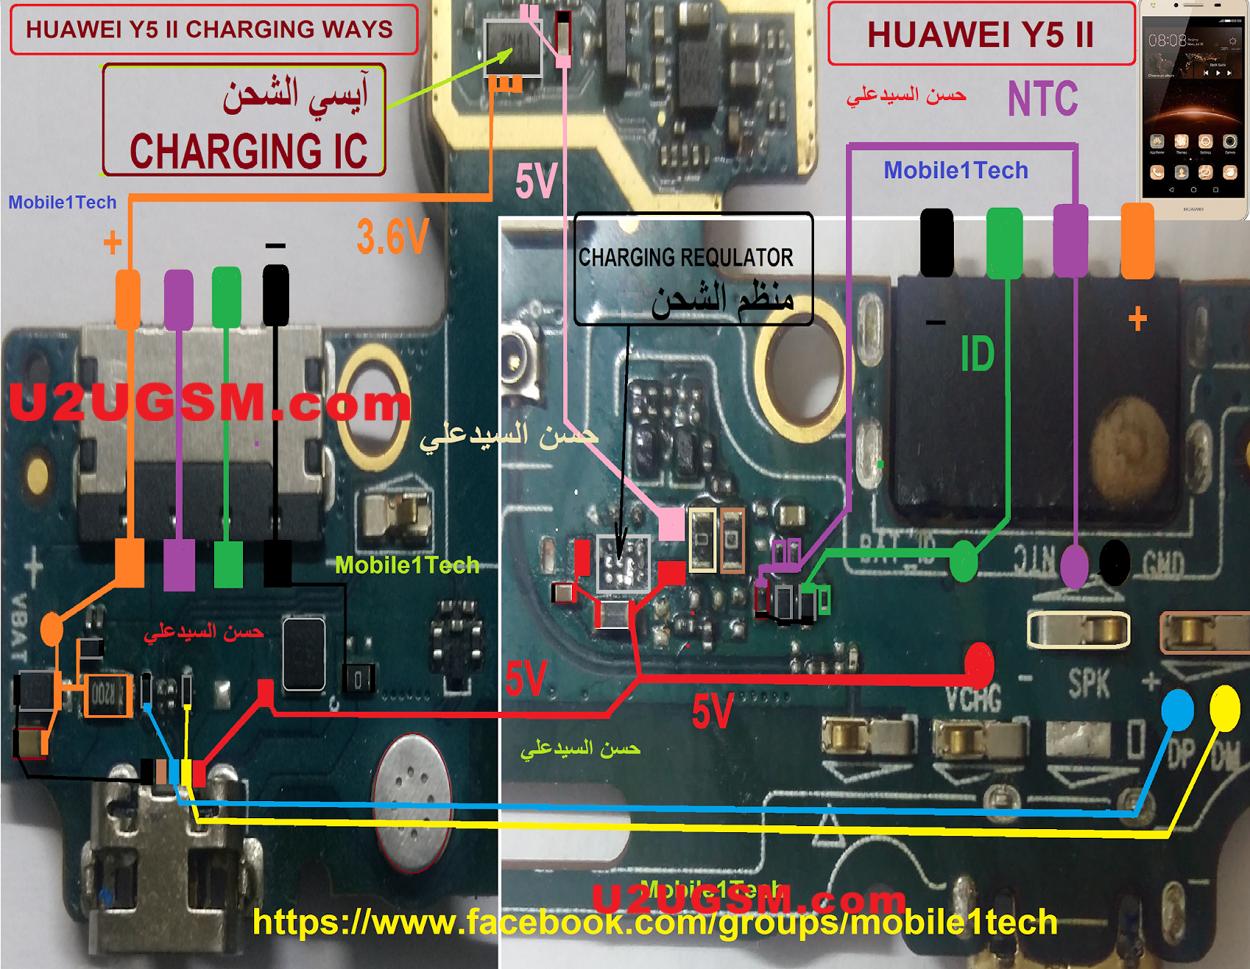 HuaweiY5IIChargingSolutionJumperProblemWays.png